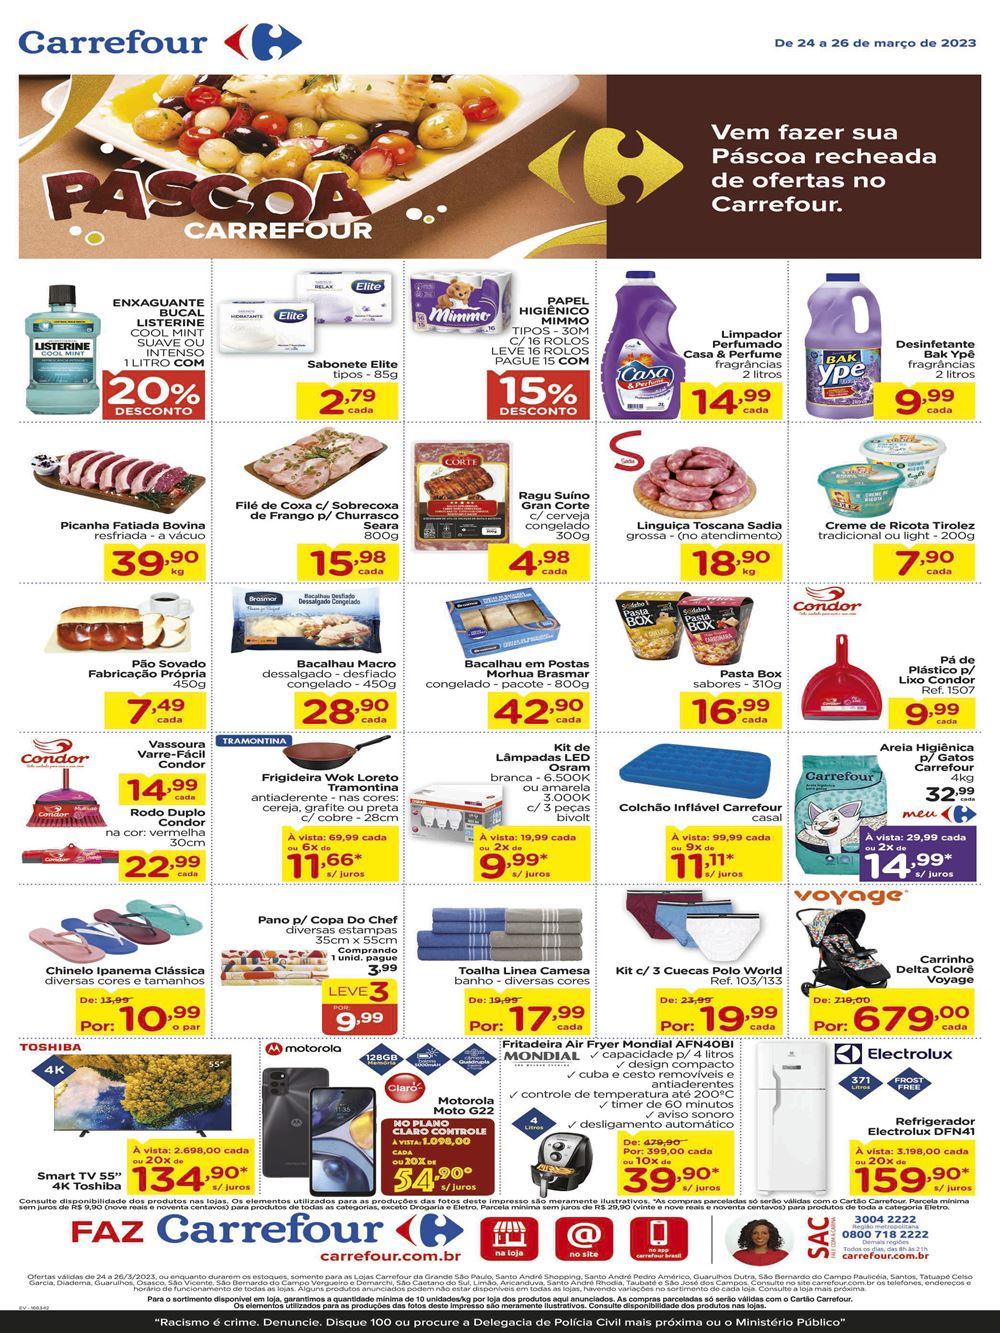 carrefour-ofertas-descontos-hoje2-16 Carrefour até 08/08